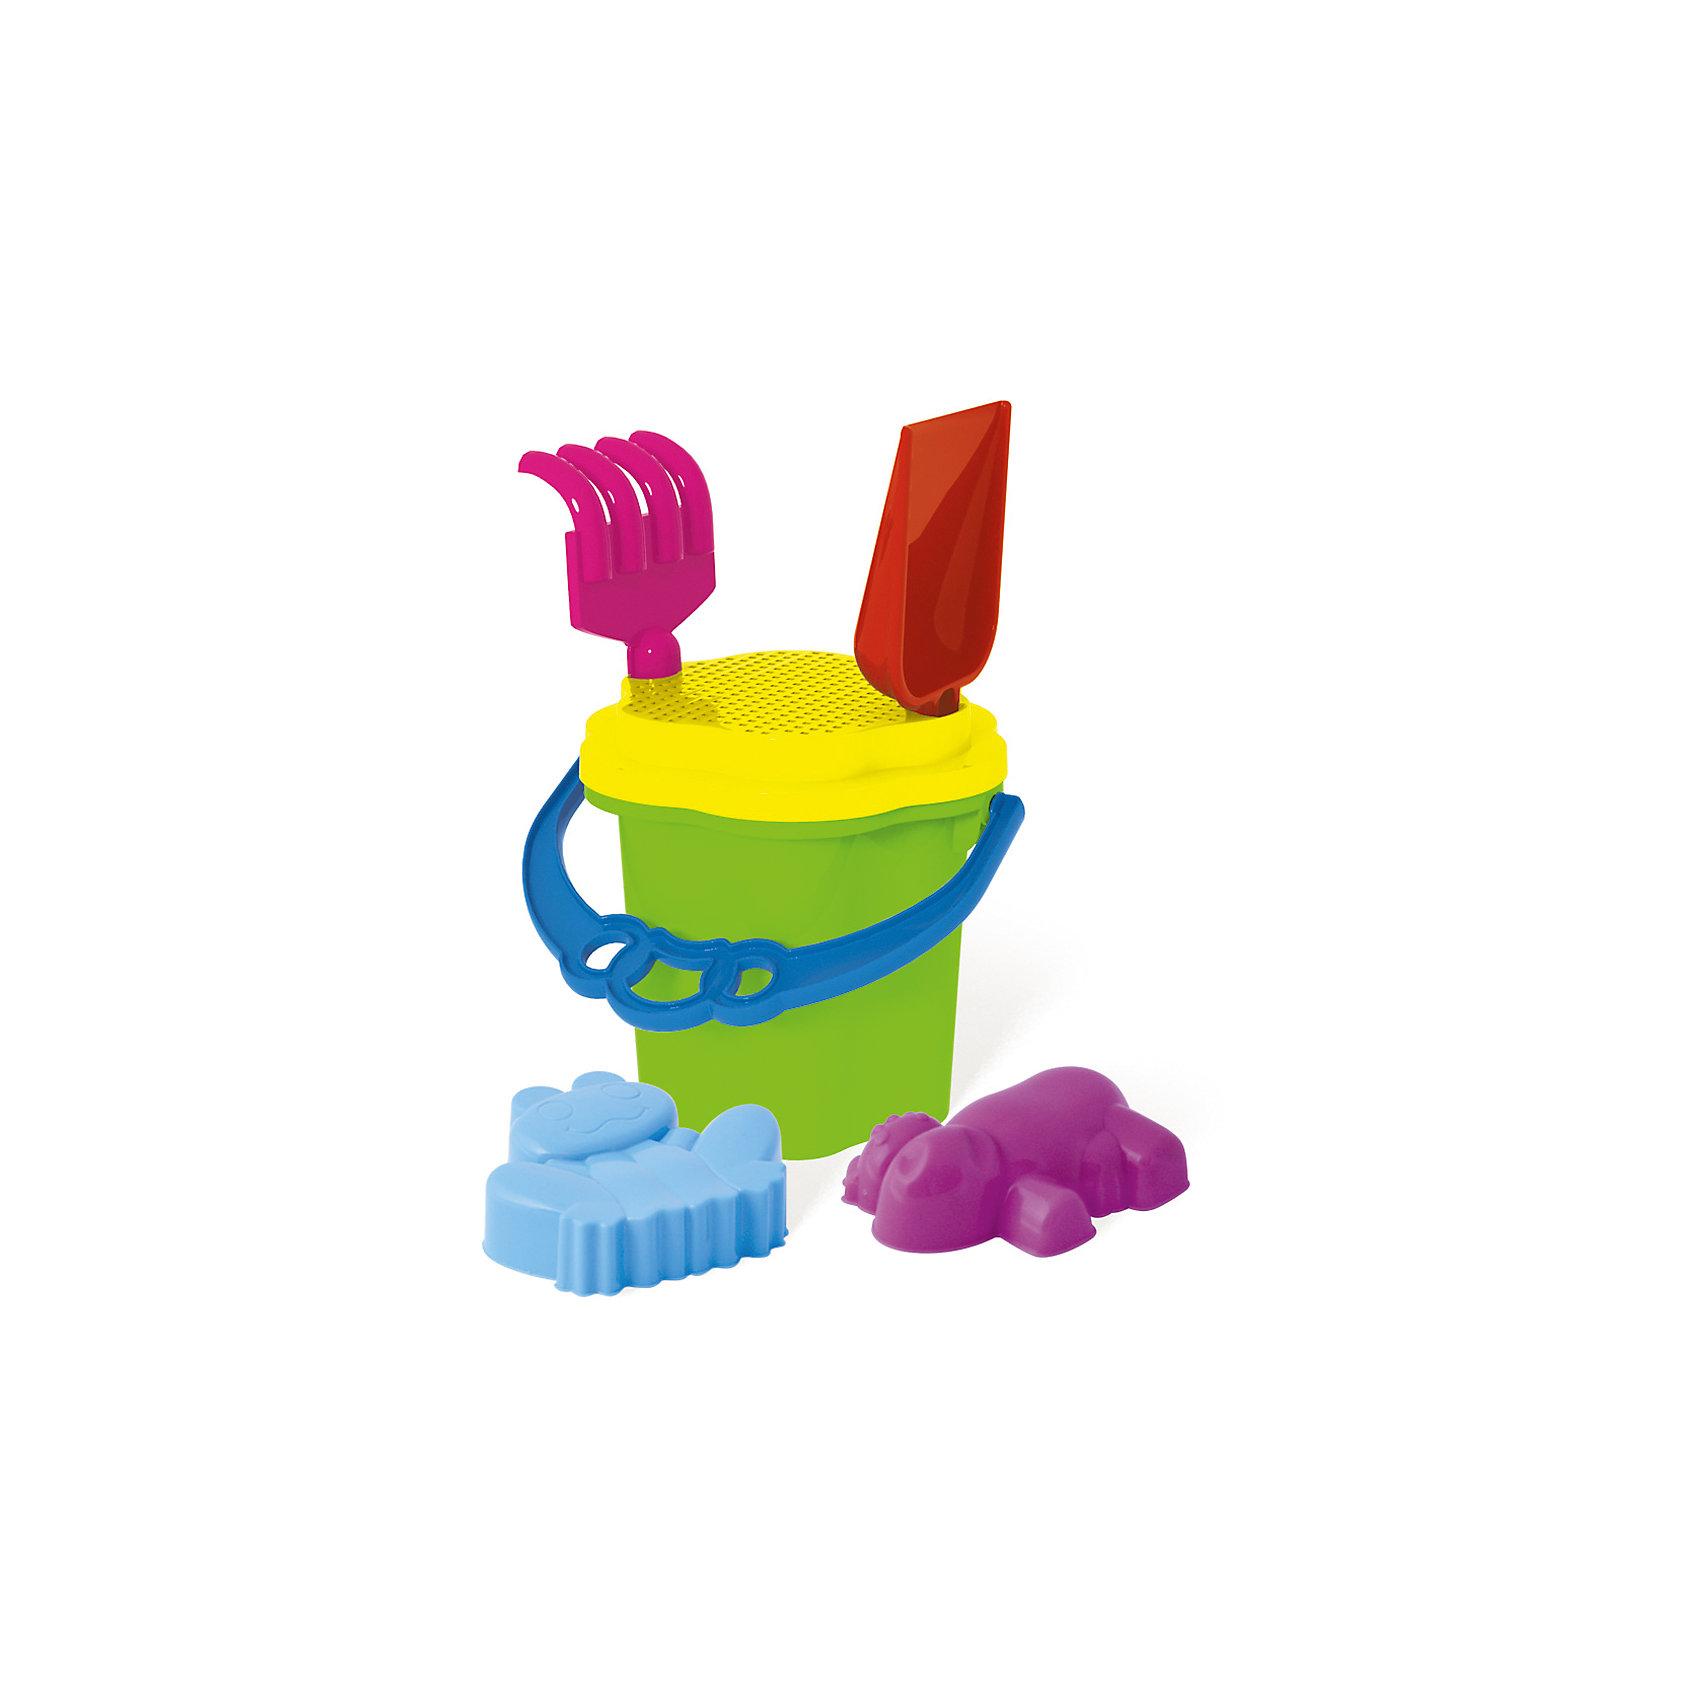 Набор Ведро-цветок №105, СтелларИграем в песочнице<br>Этот яркий набор обязательно заинтересует ребенка. Он включает в себя все, что нужно для игр с песком и водой. Ведро имеет крышку-сито с прорезями, в которую удобно вставляются грабли и совок. Все детали набора компактно помещаются в небольшом ведерке, так что малыш может носить свои игрушки самостоятельно. Прекрасный набор для пляжного отдыха или игр в песочнице. Игрушка выполнена из высококачественного пластика, не имеет острых углов, безопасна для детей. <br><br>Дополнительная информация:<br><br>- Материал: пластик.<br>- Цвет: зеленый, желтый, голубой, розовый. <br>- Комплектация: ведро, сито, грабли, совок, формочки ( 2 шт.).<br>- Размер: ведро 0,7 л, грабли - 20см, совок - 21 см.<br><br>Набор Ведро-цветок №105, Стеллар, можно купить в нашем магазине.<br><br>Ширина мм: 100<br>Глубина мм: 100<br>Высота мм: 160<br>Вес г: 145<br>Возраст от месяцев: 36<br>Возраст до месяцев: 72<br>Пол: Унисекс<br>Возраст: Детский<br>SKU: 4044371